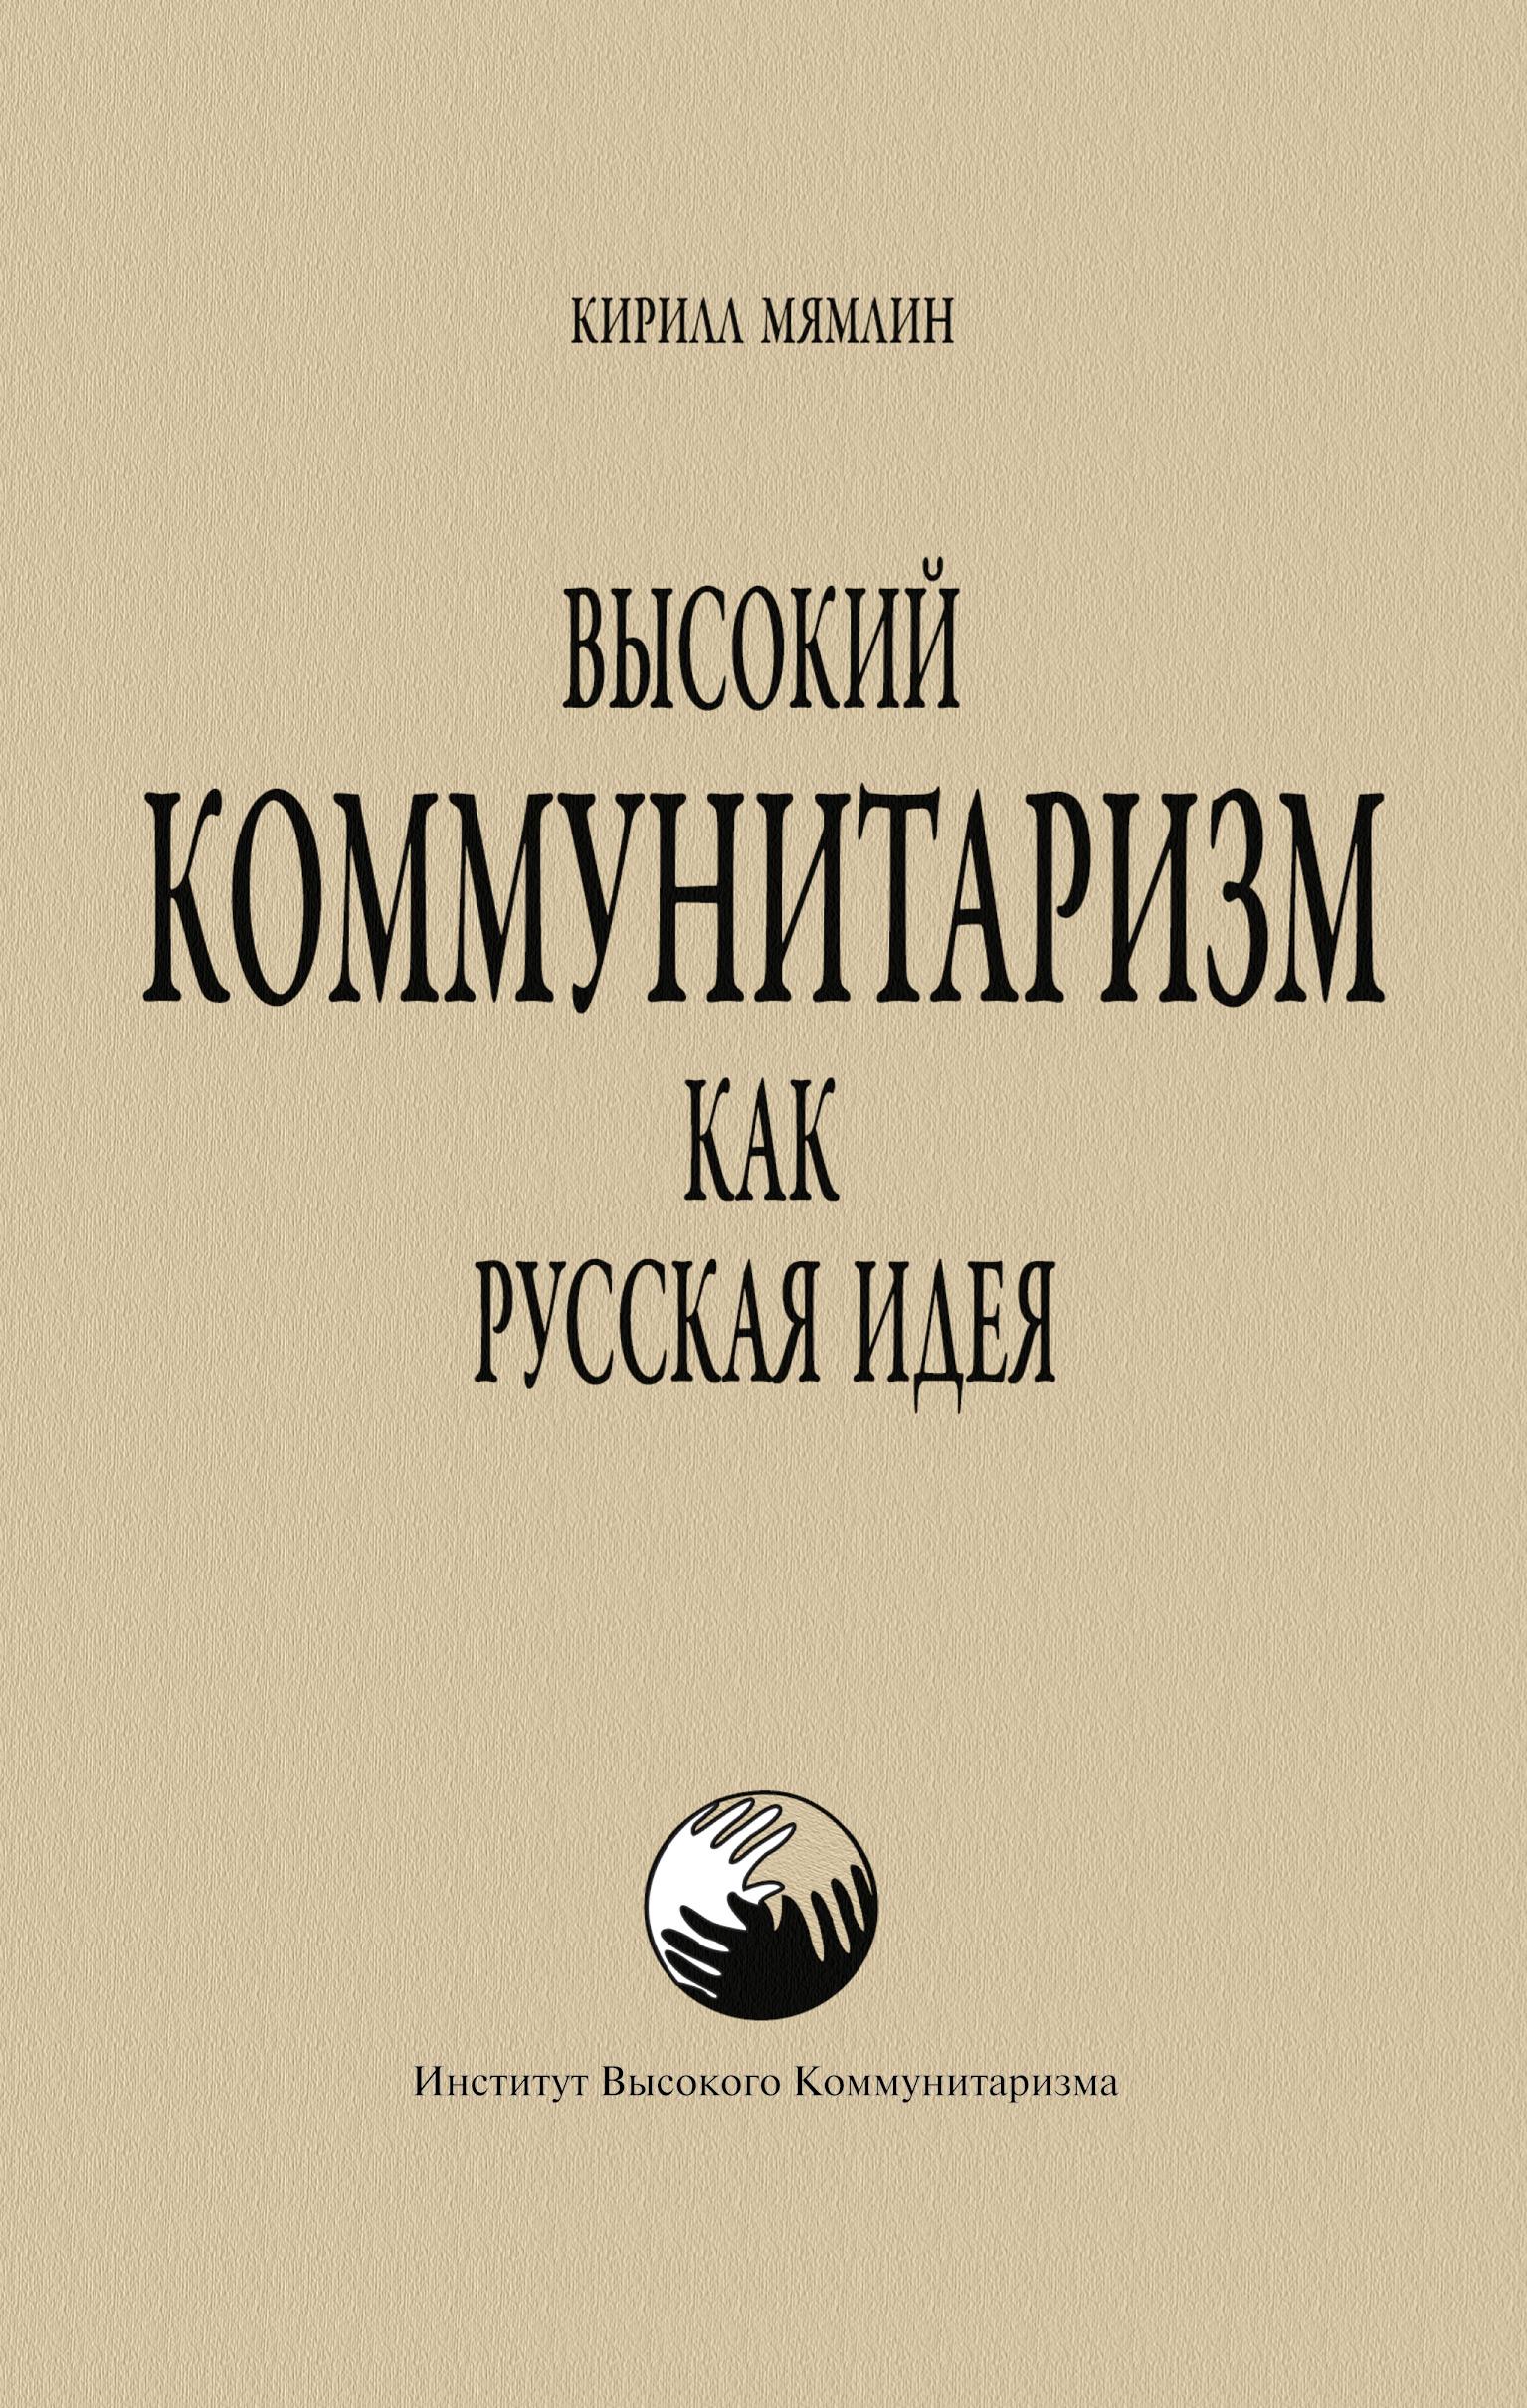 Кирилл Мямлин Высокий Коммунитаризм как Русская Идея